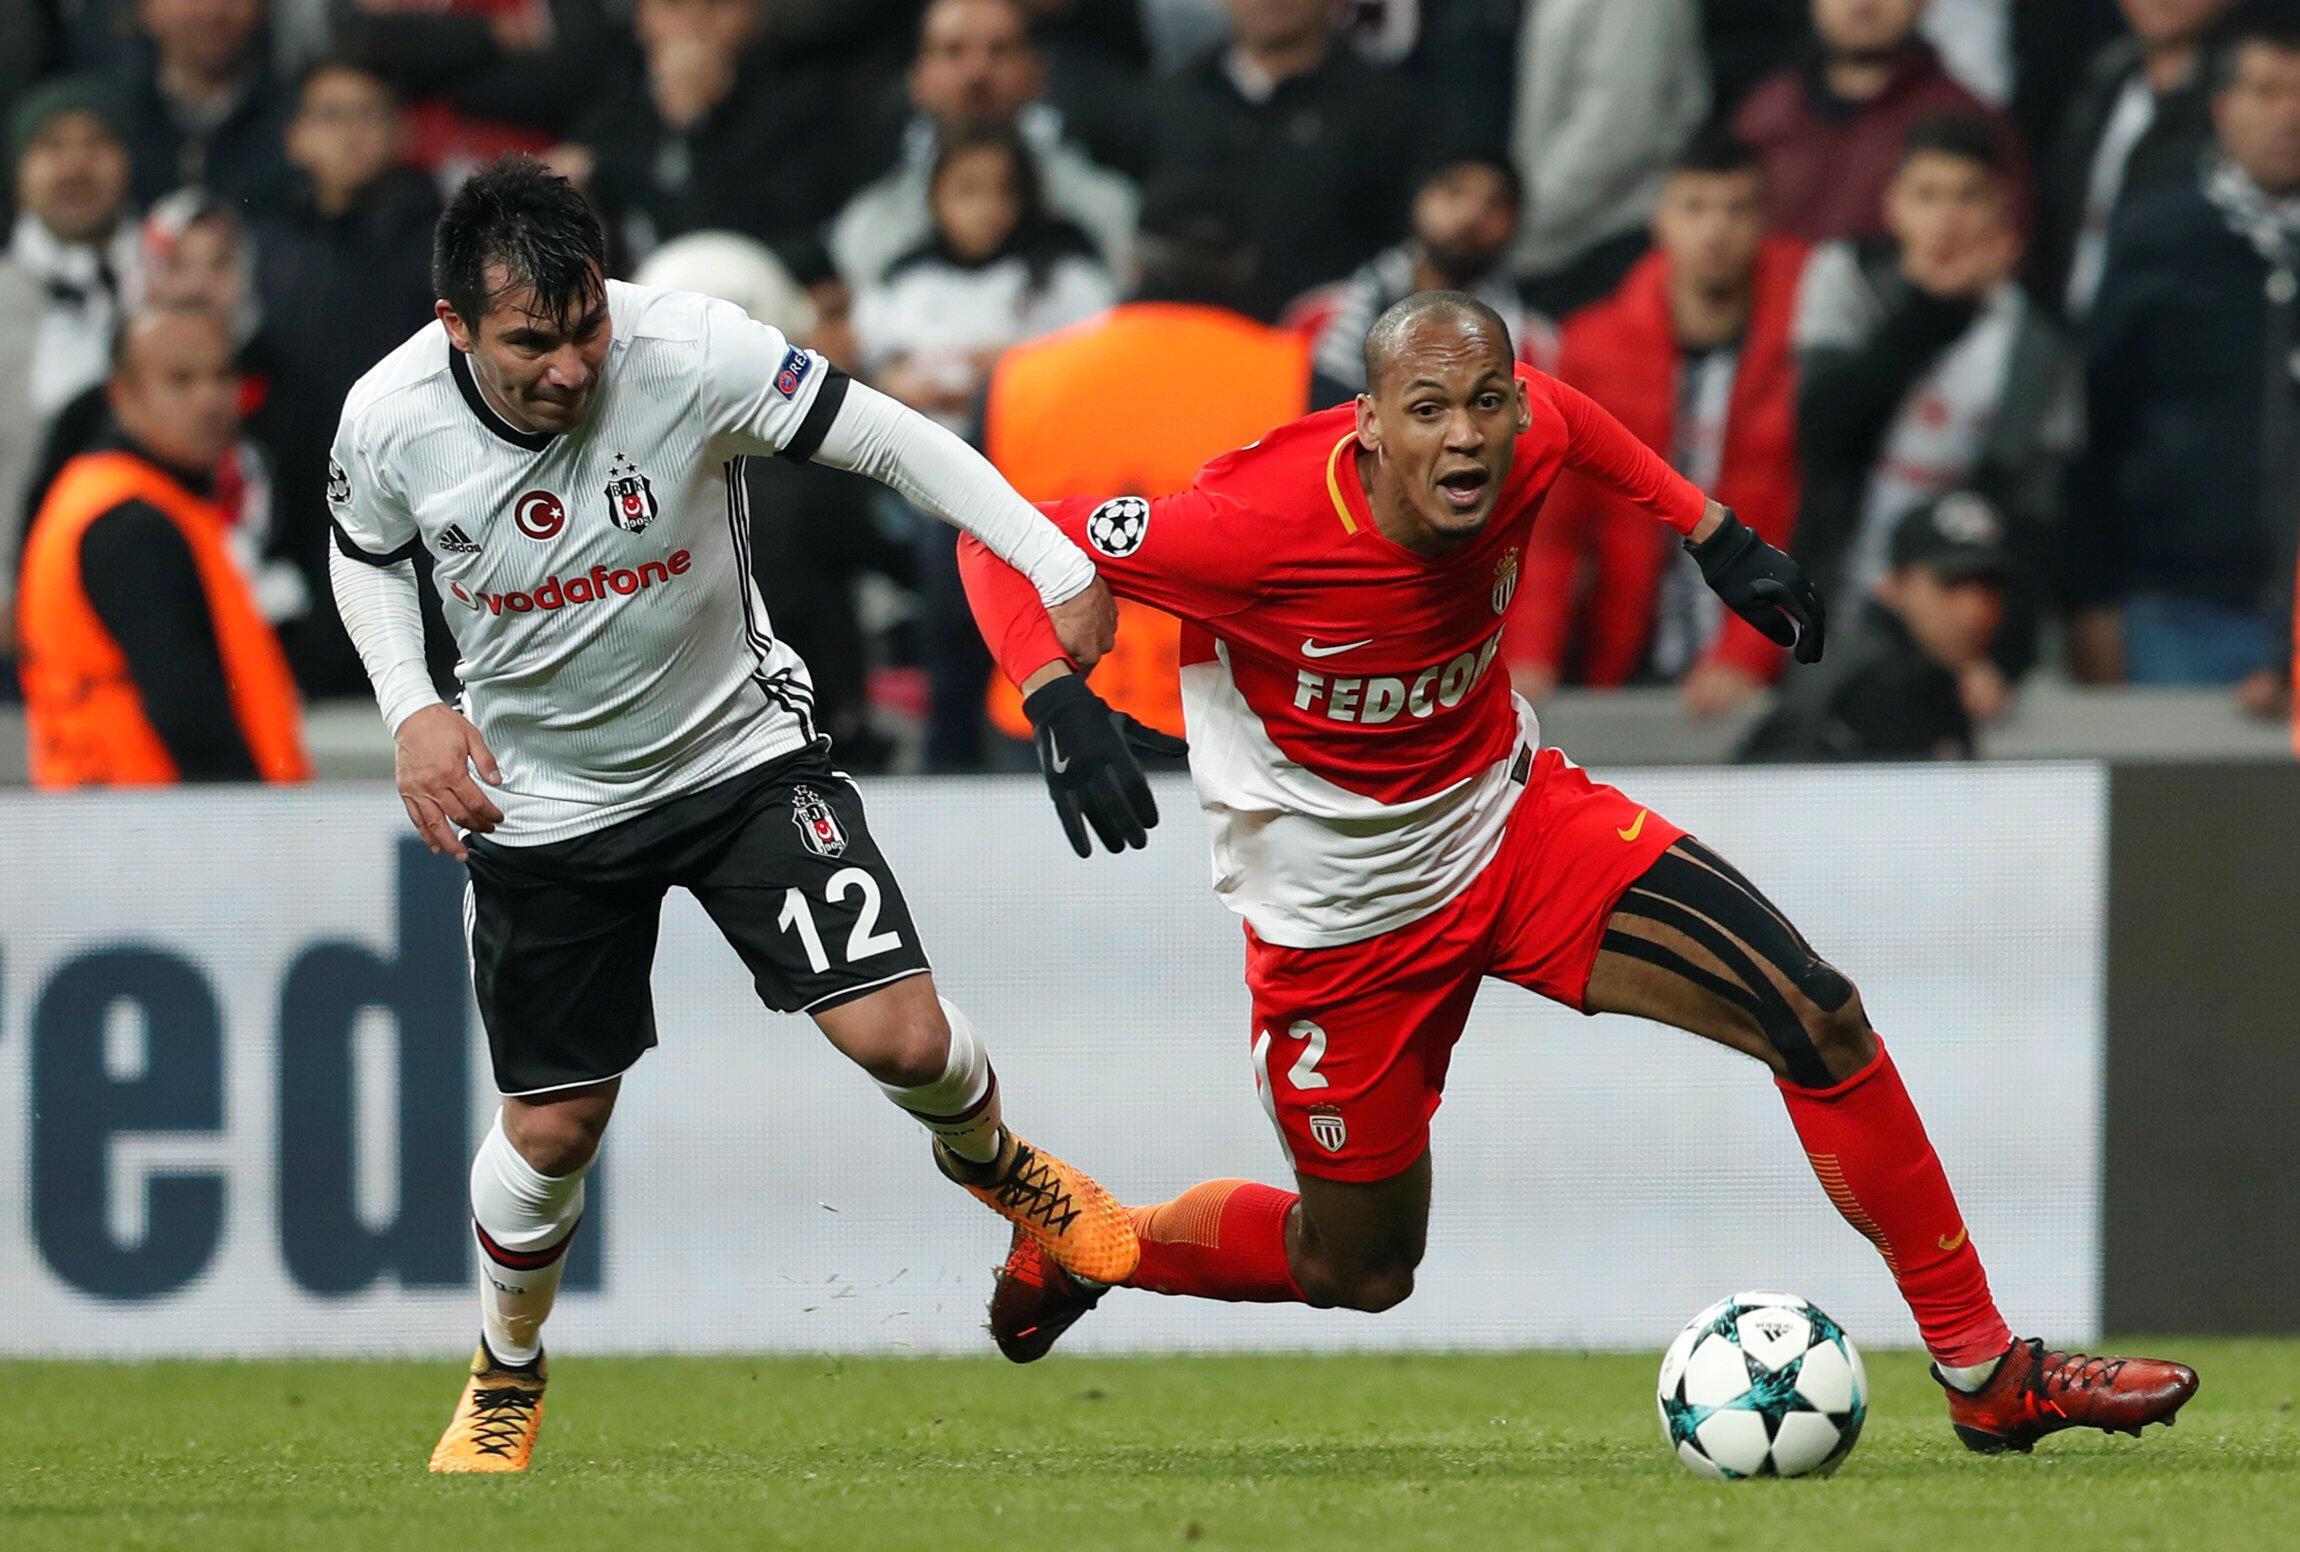 Le Chilien de Besiktas Gary Medel accroche le Brésilien de Monaco Fabinho, et les deux équipes font match nul (1-1).